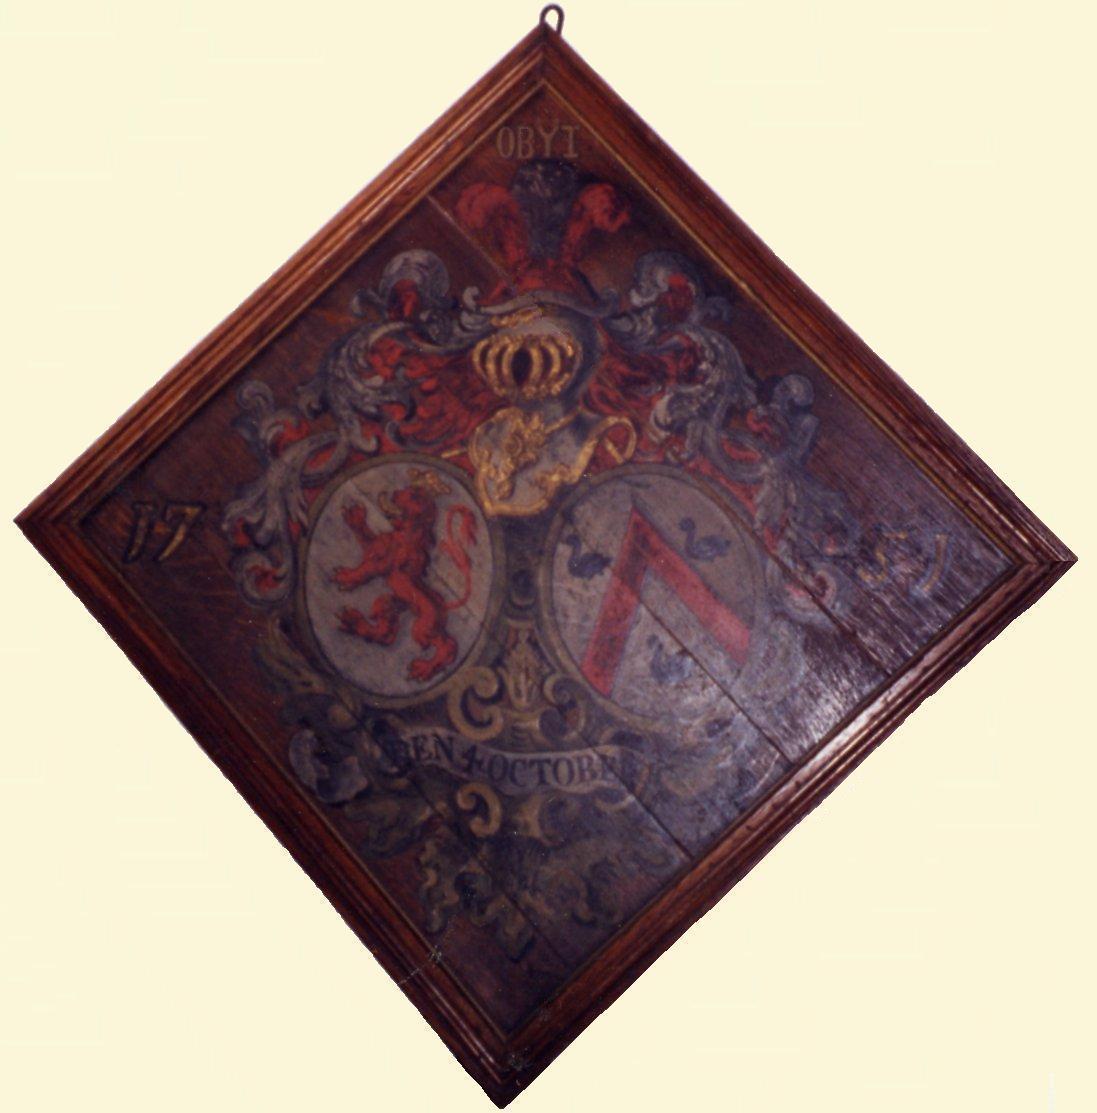 Rouwbord van Baexem van Thielen- van der Gracht de Rommerswael, 1751